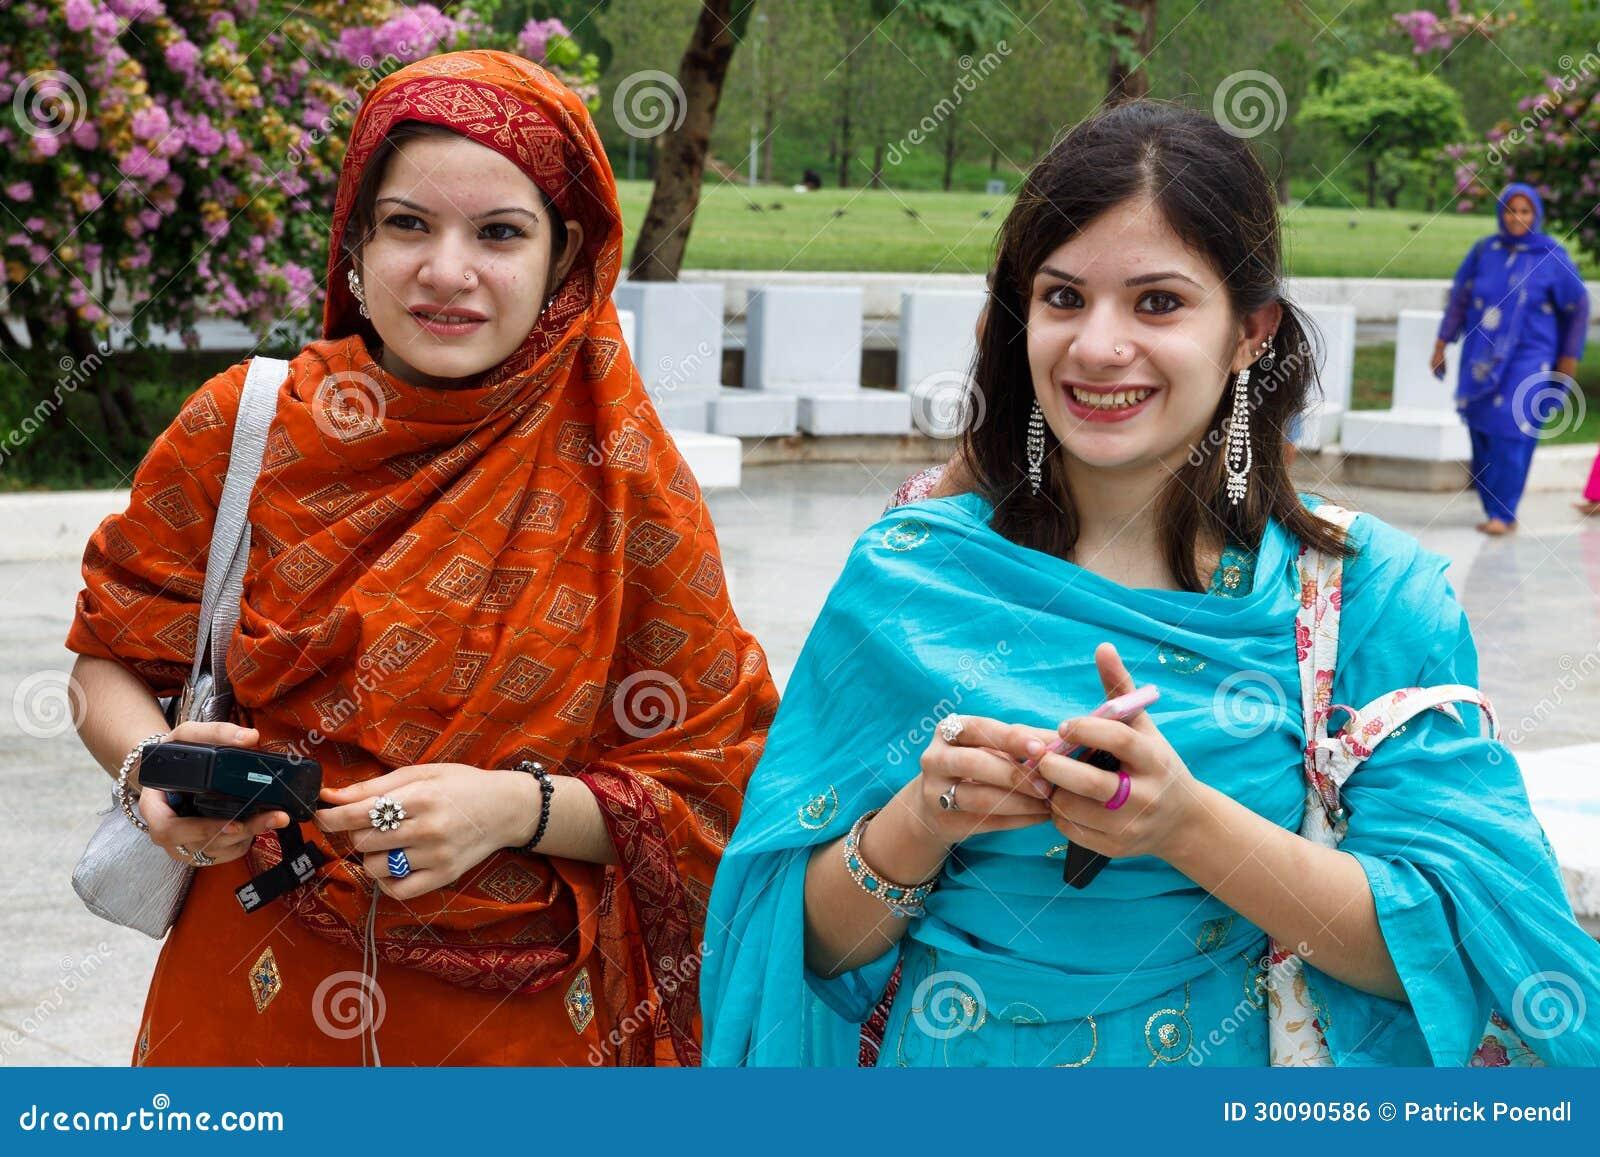 Mujeres de Paquistán en la mezquita de Faisal, Islamabad